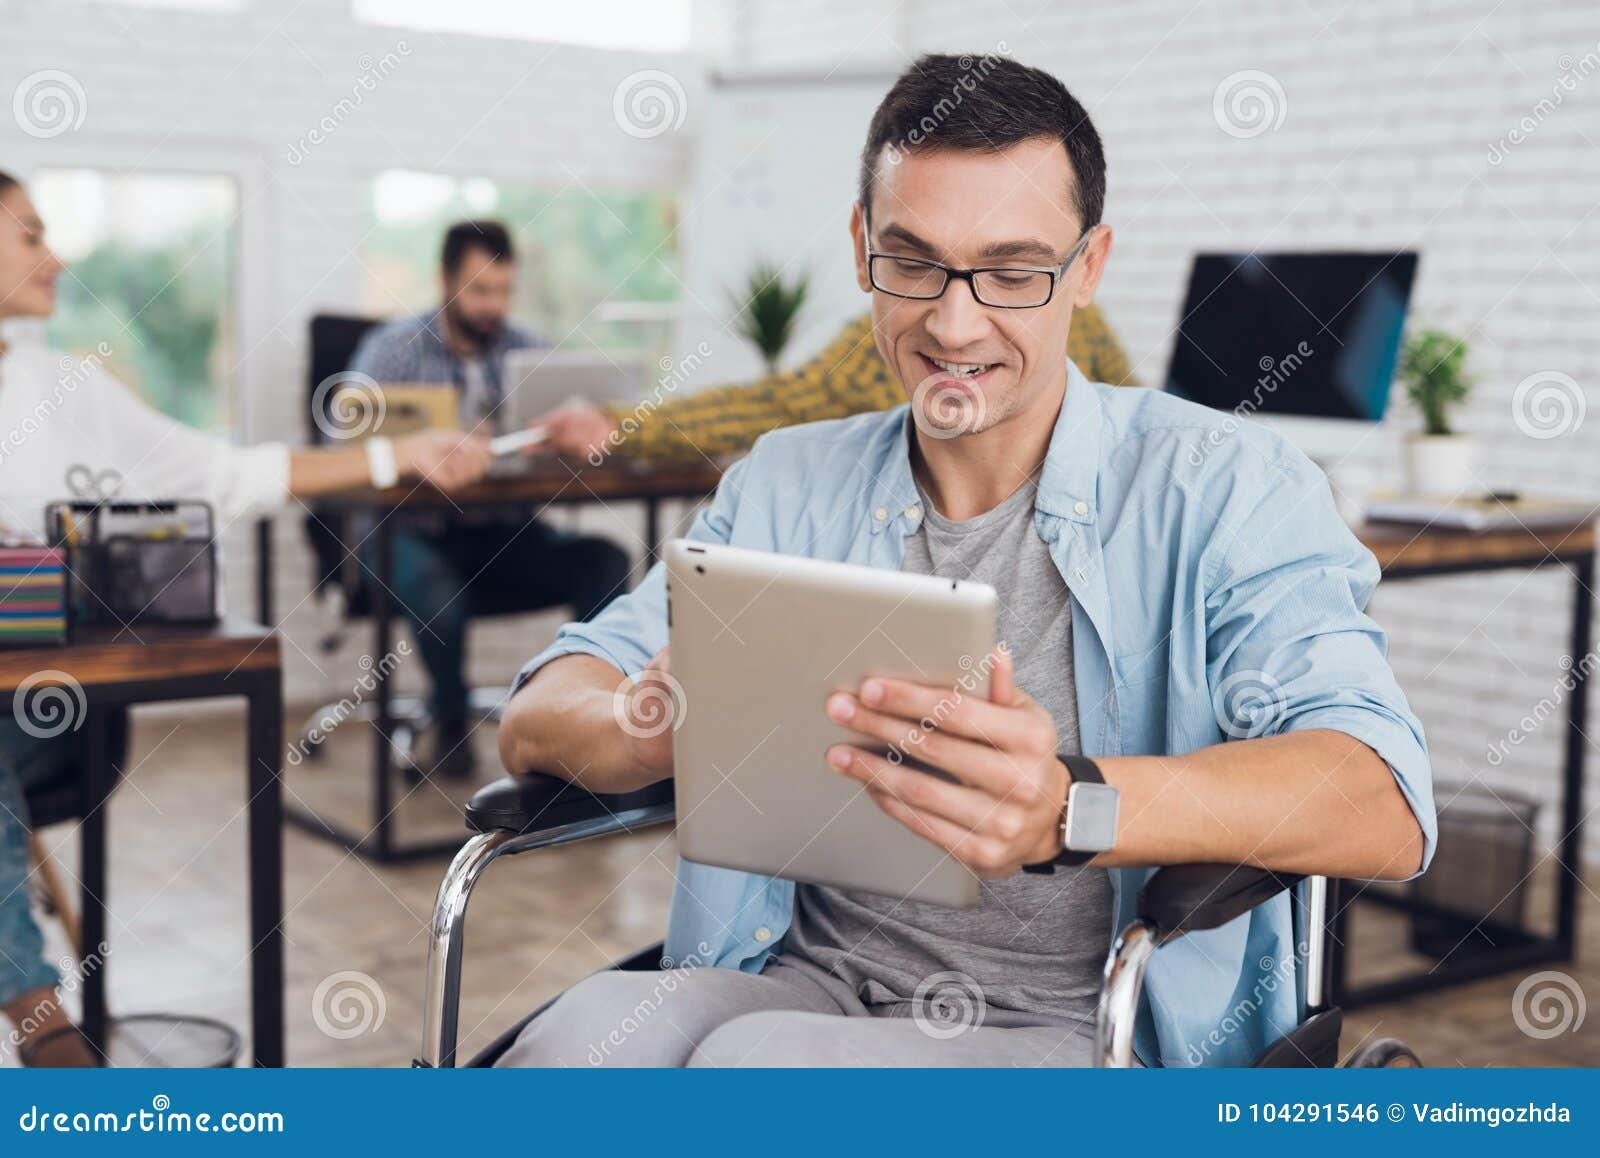 轮椅的残疾人在办公室工作 在他的手上是片剂